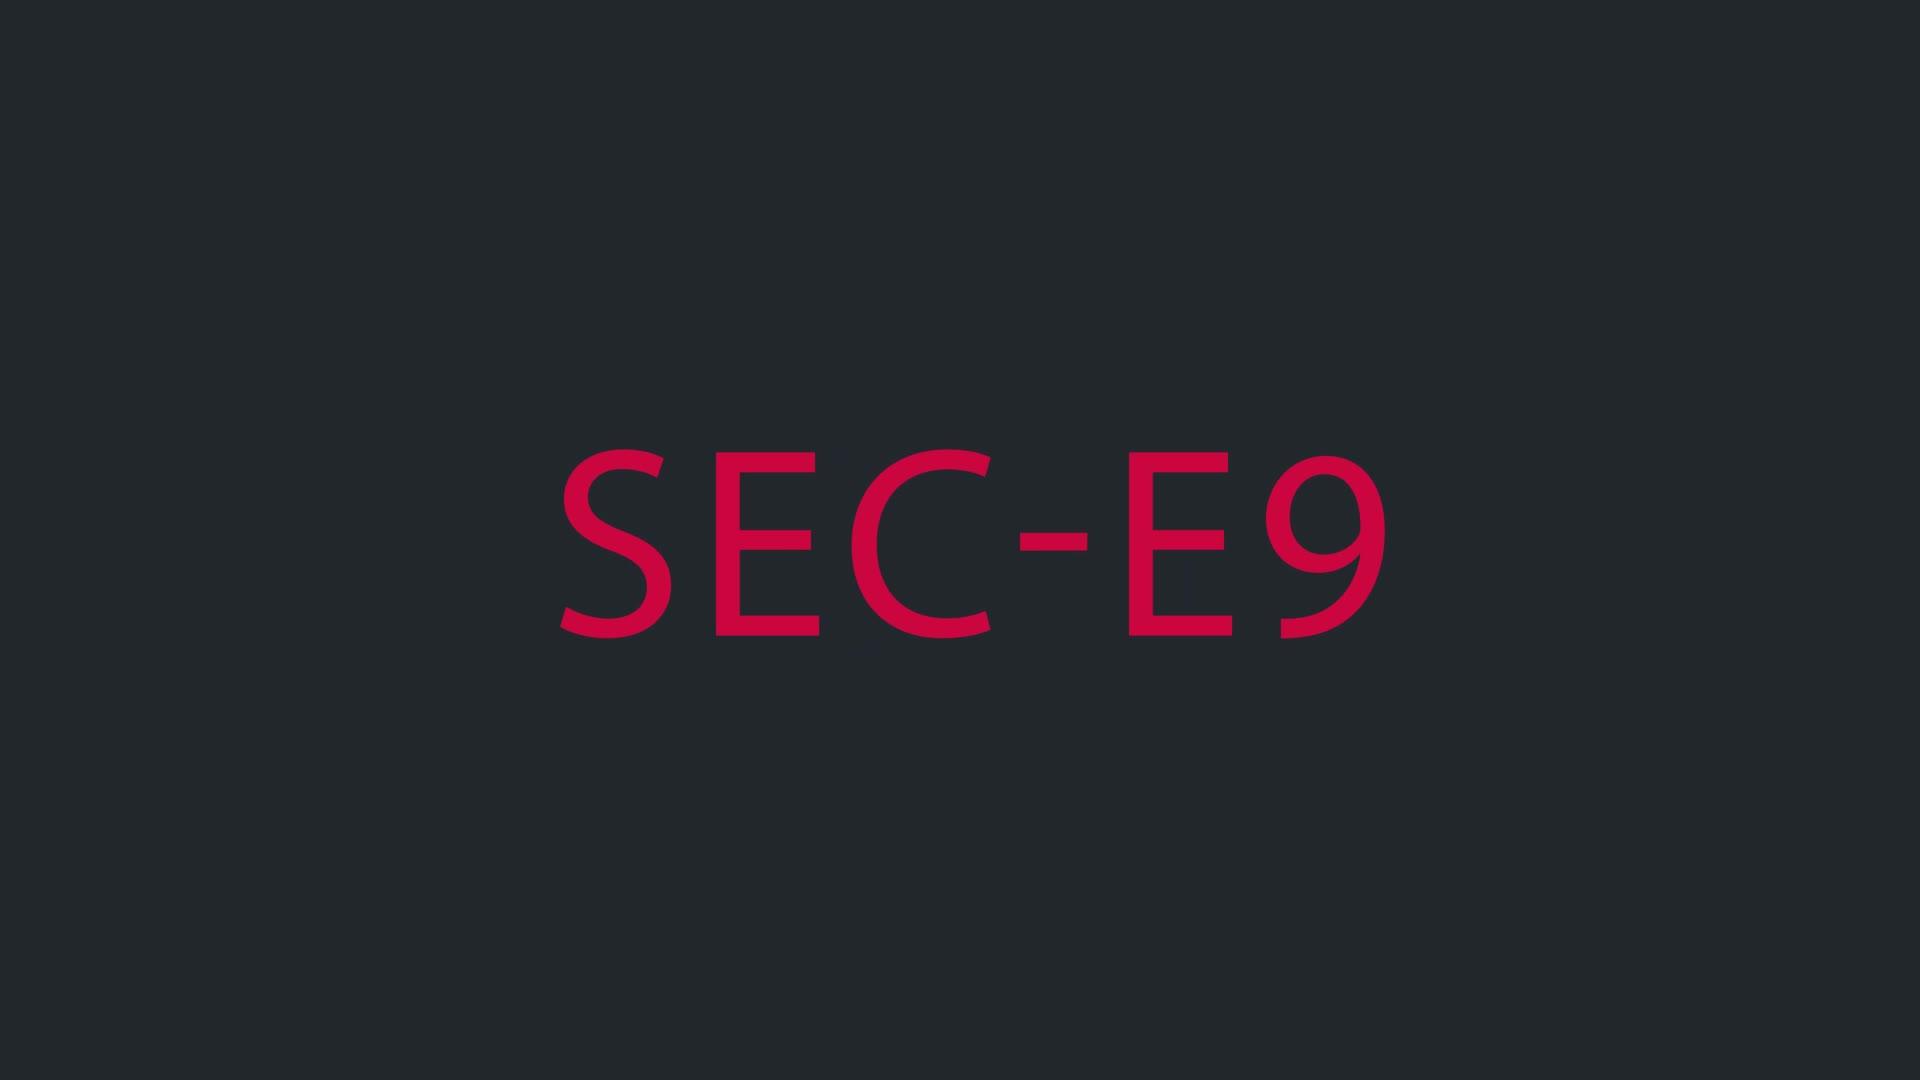 Kukai 2019 SEC-E9 Cắt Chính Bộ Phận của Máy Tibbe Hàm FO21 Key Kẹp